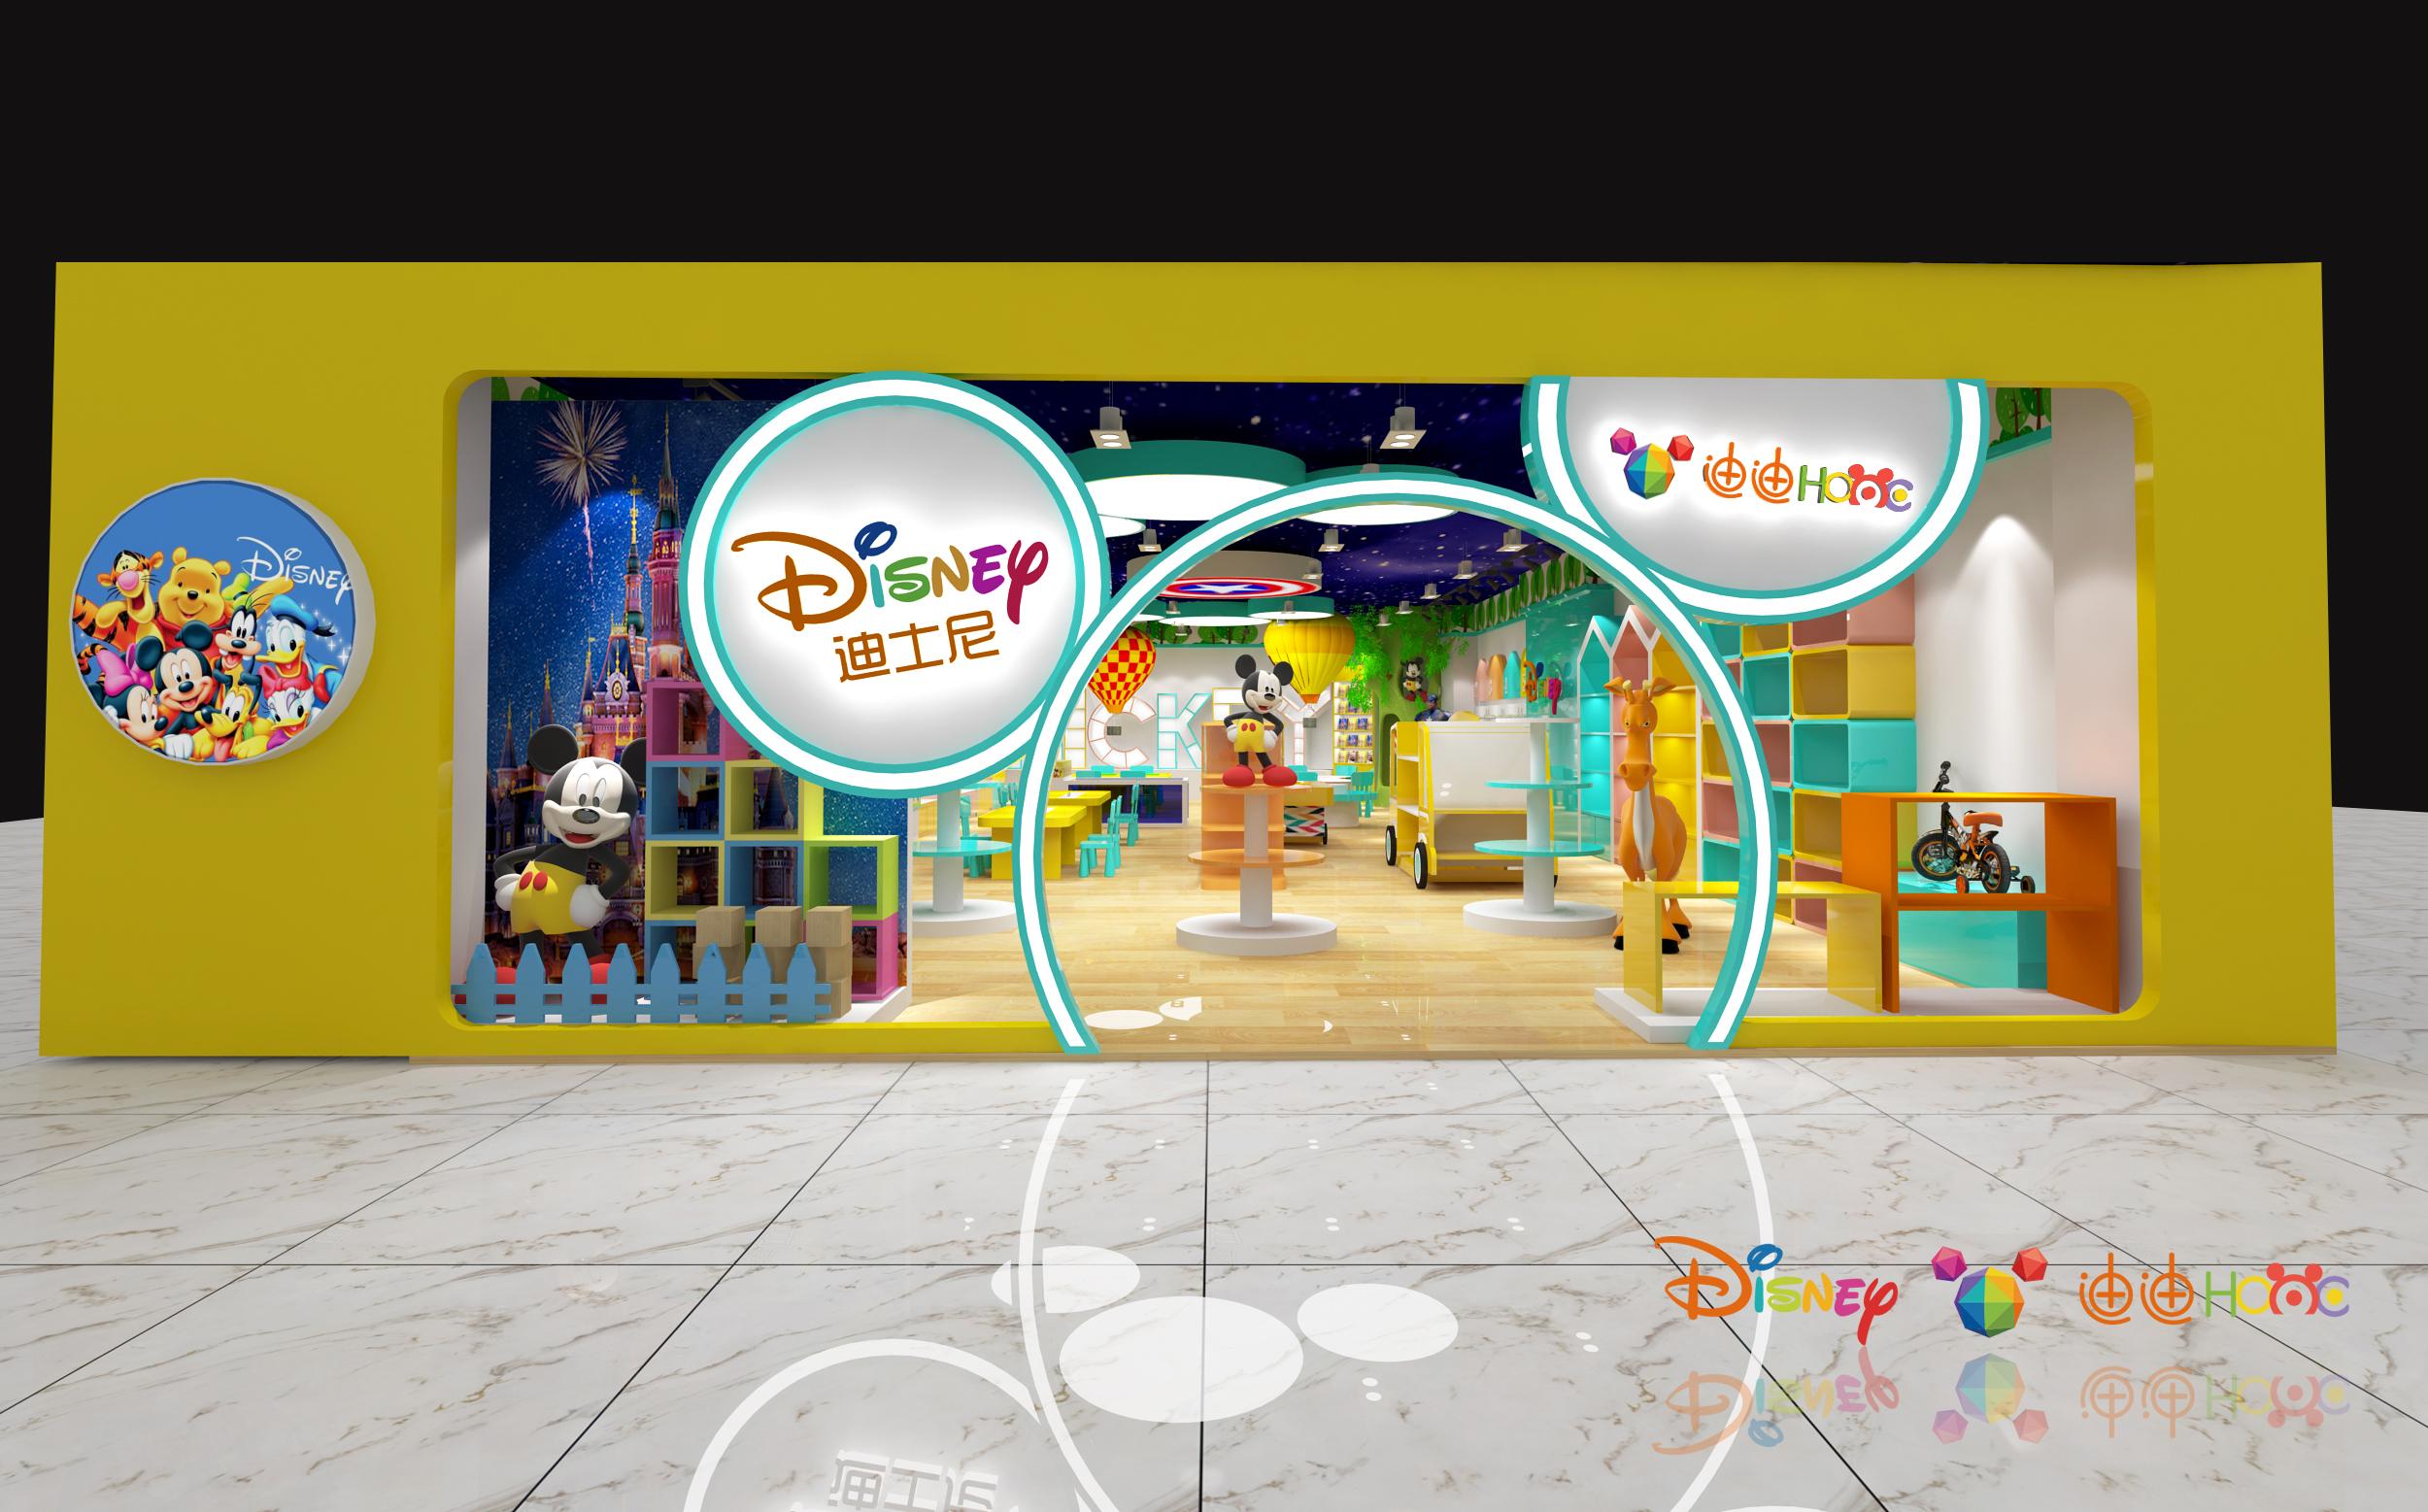 迪士尼儿童创意生活馆入驻绵阳,即将盛大开业!